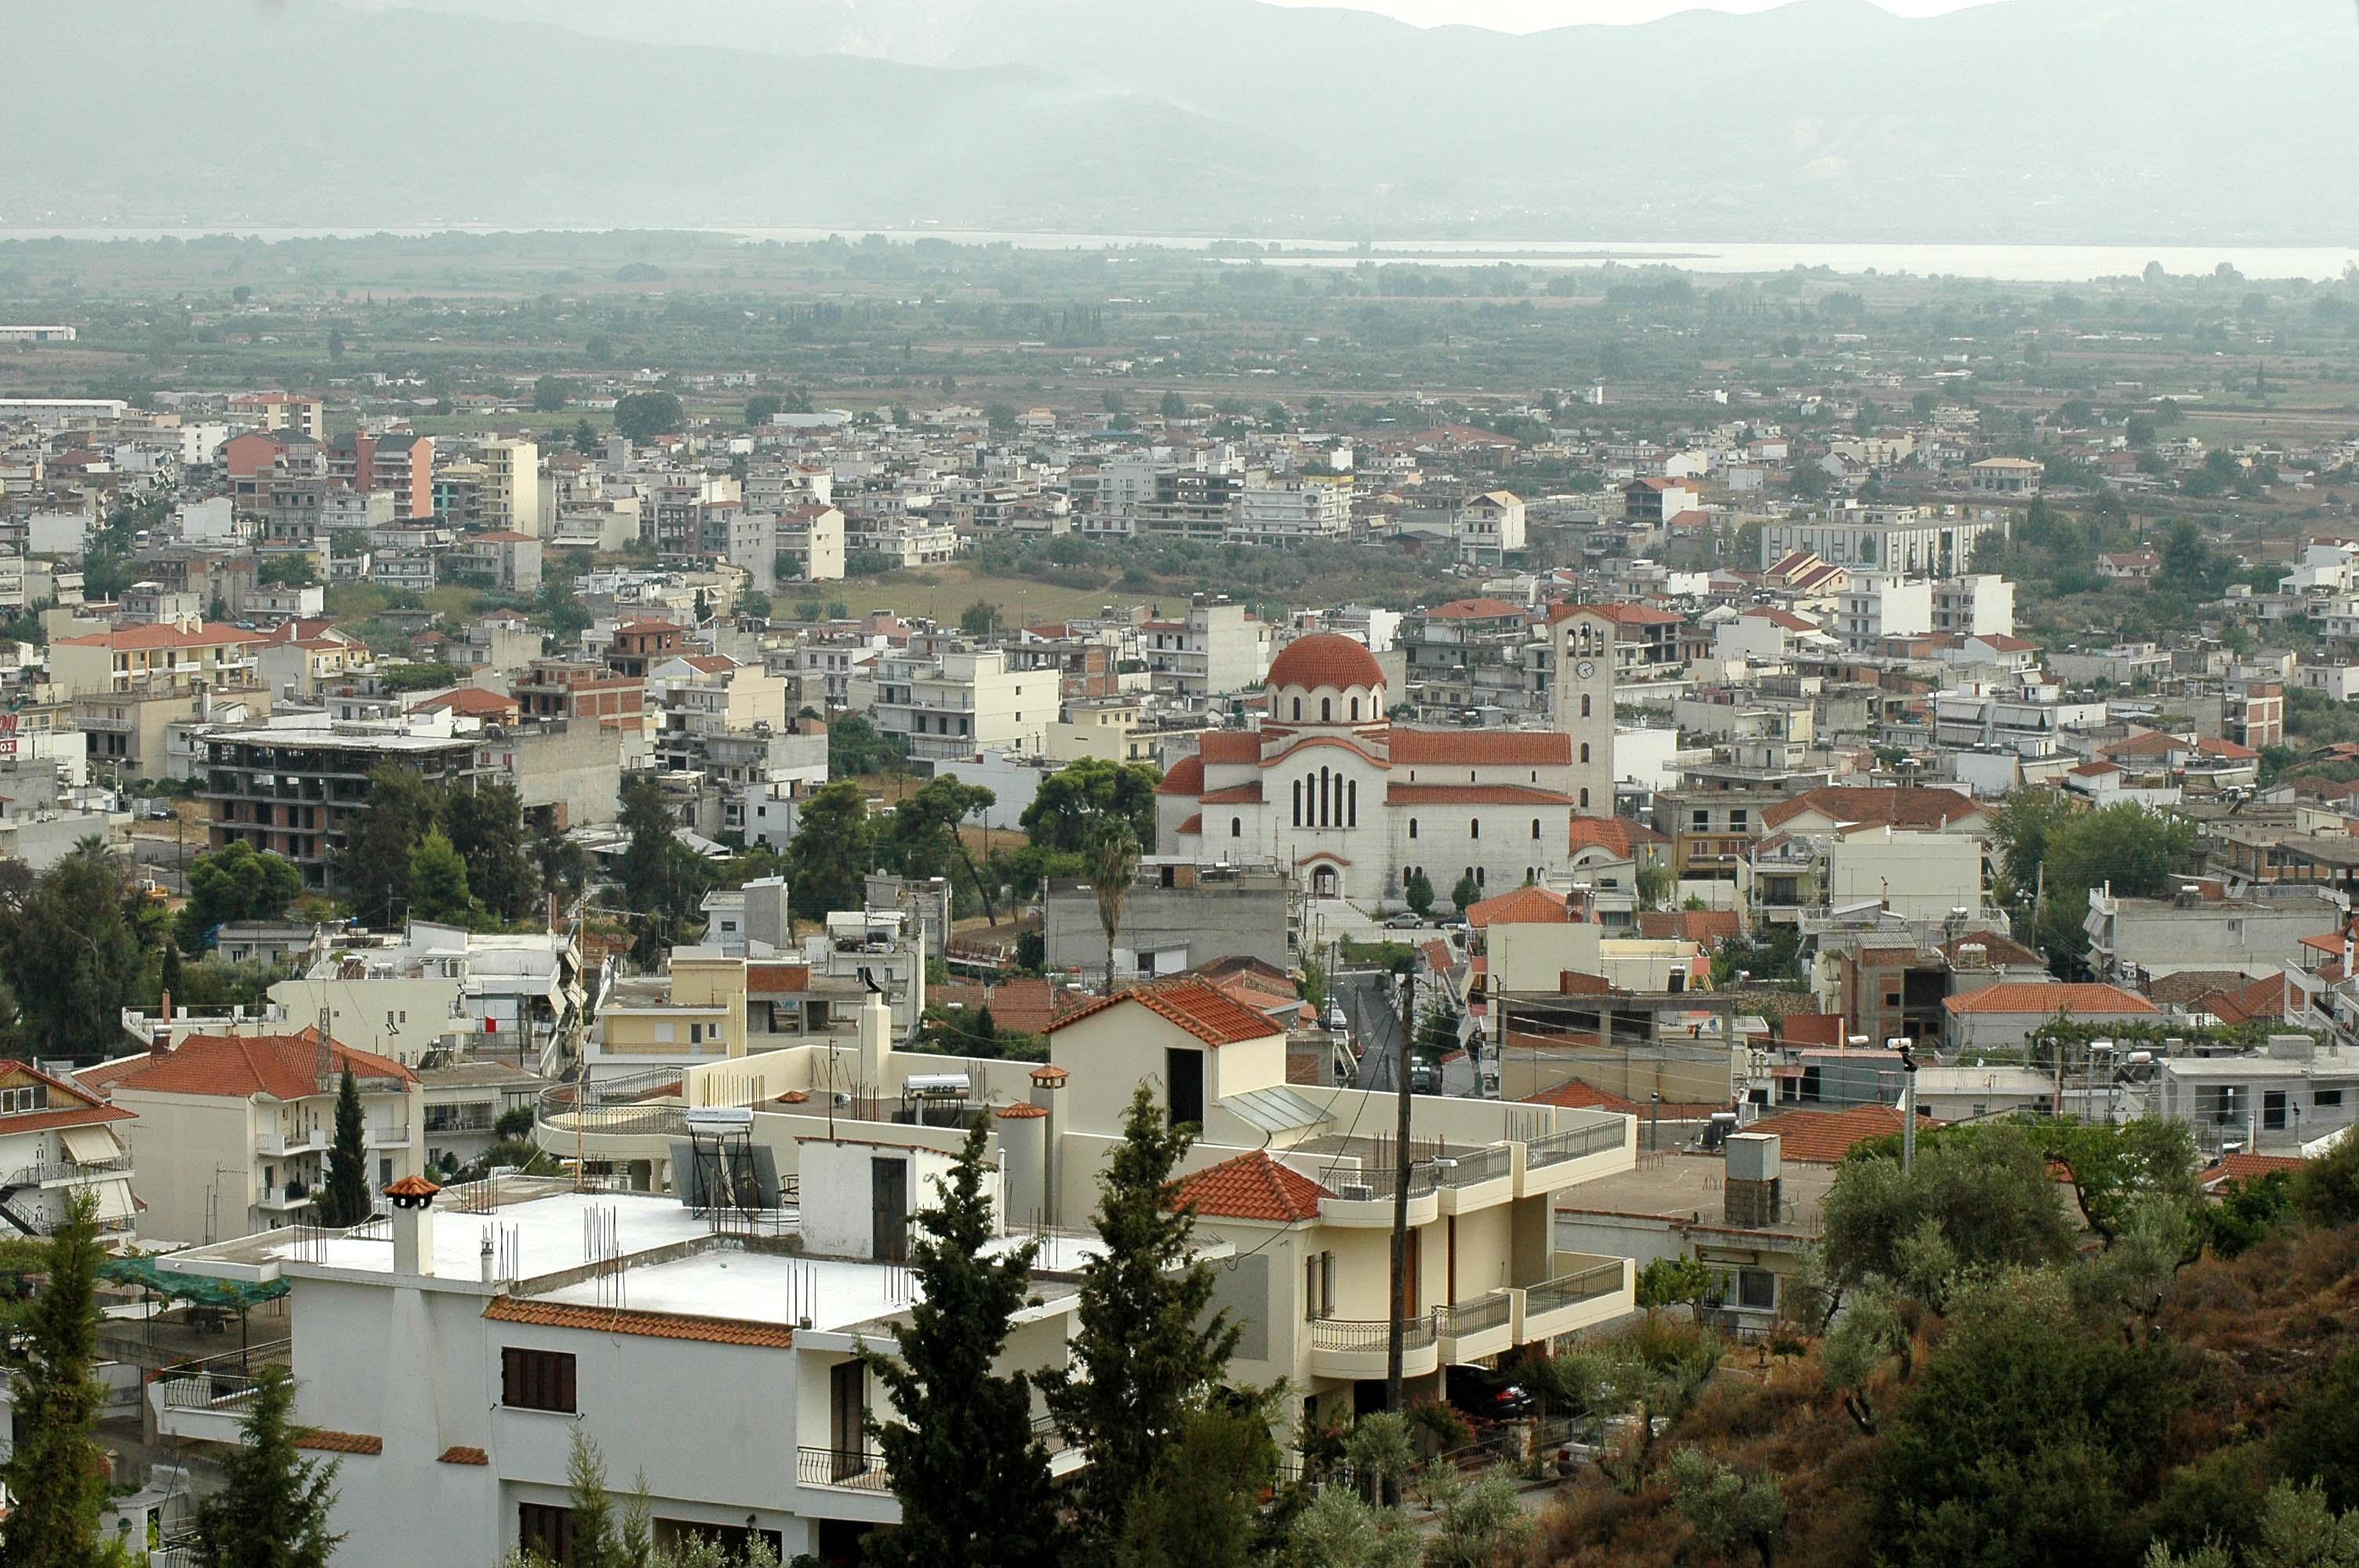 Περιφέρεια και δήμος Αγρινίου μαζί για σύνδεση με Ιόνια και ΒΙΟ.ΠΑ.